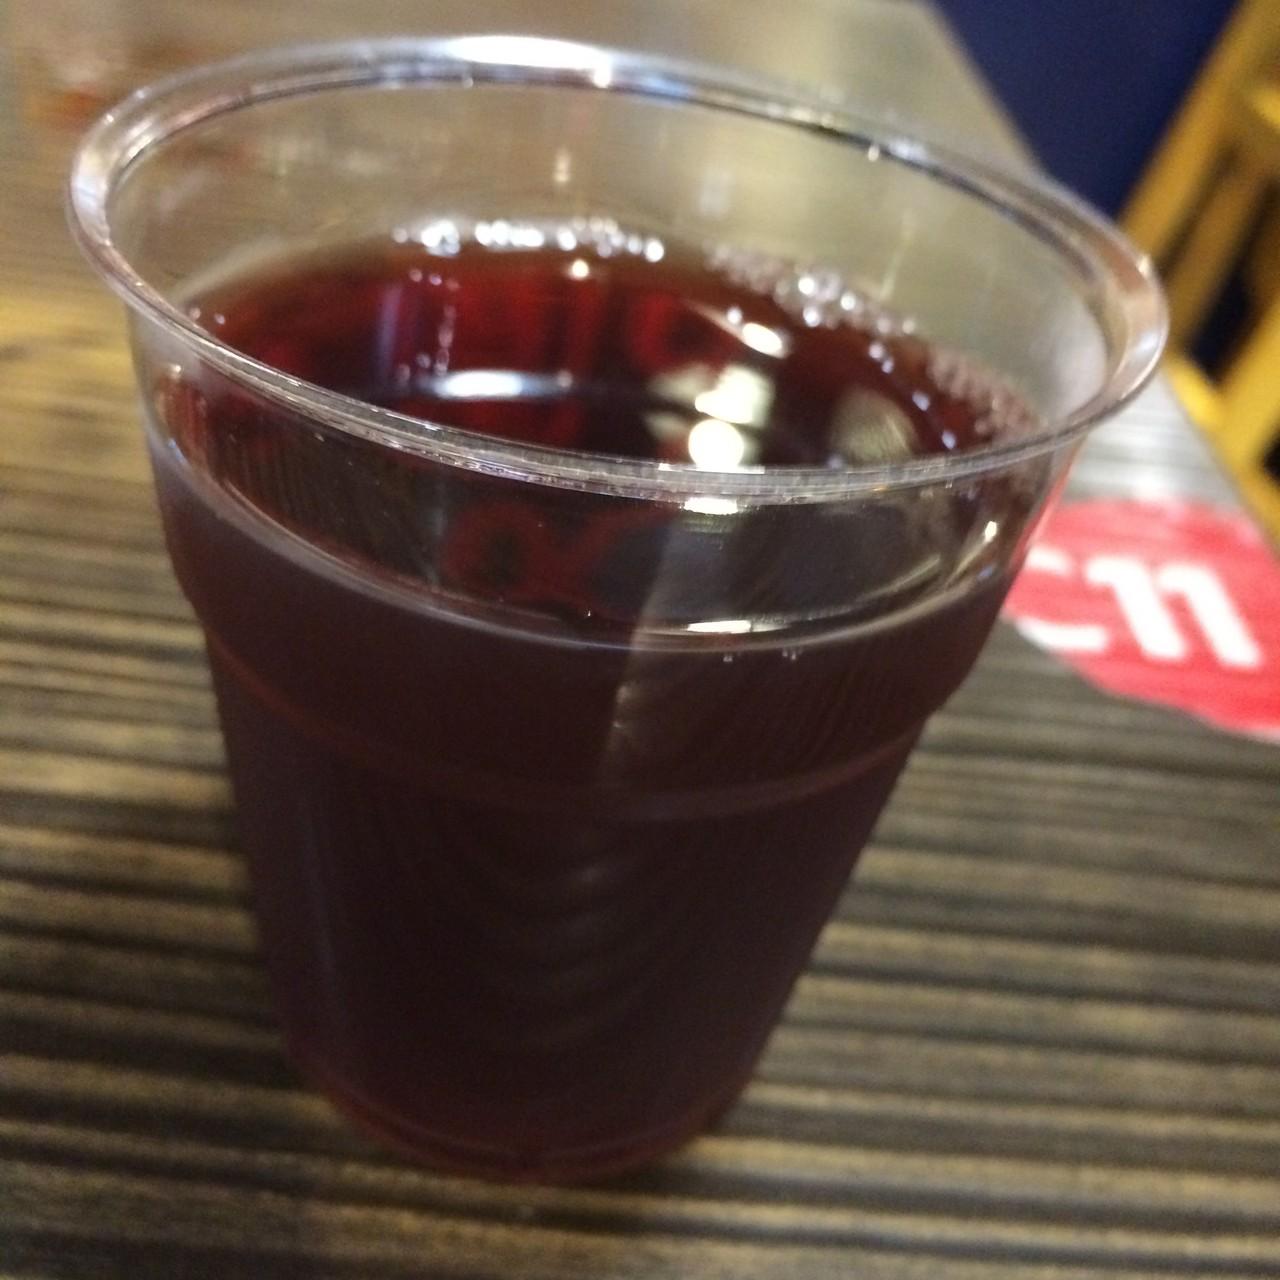 燻製のようなスモーキーな梅ドリンク。飲み物でスモーキーって・・・?一瞬ひるみますが、意外とさっぱりして美味しいです。胃がもたれないようにこれを飲むそうです。